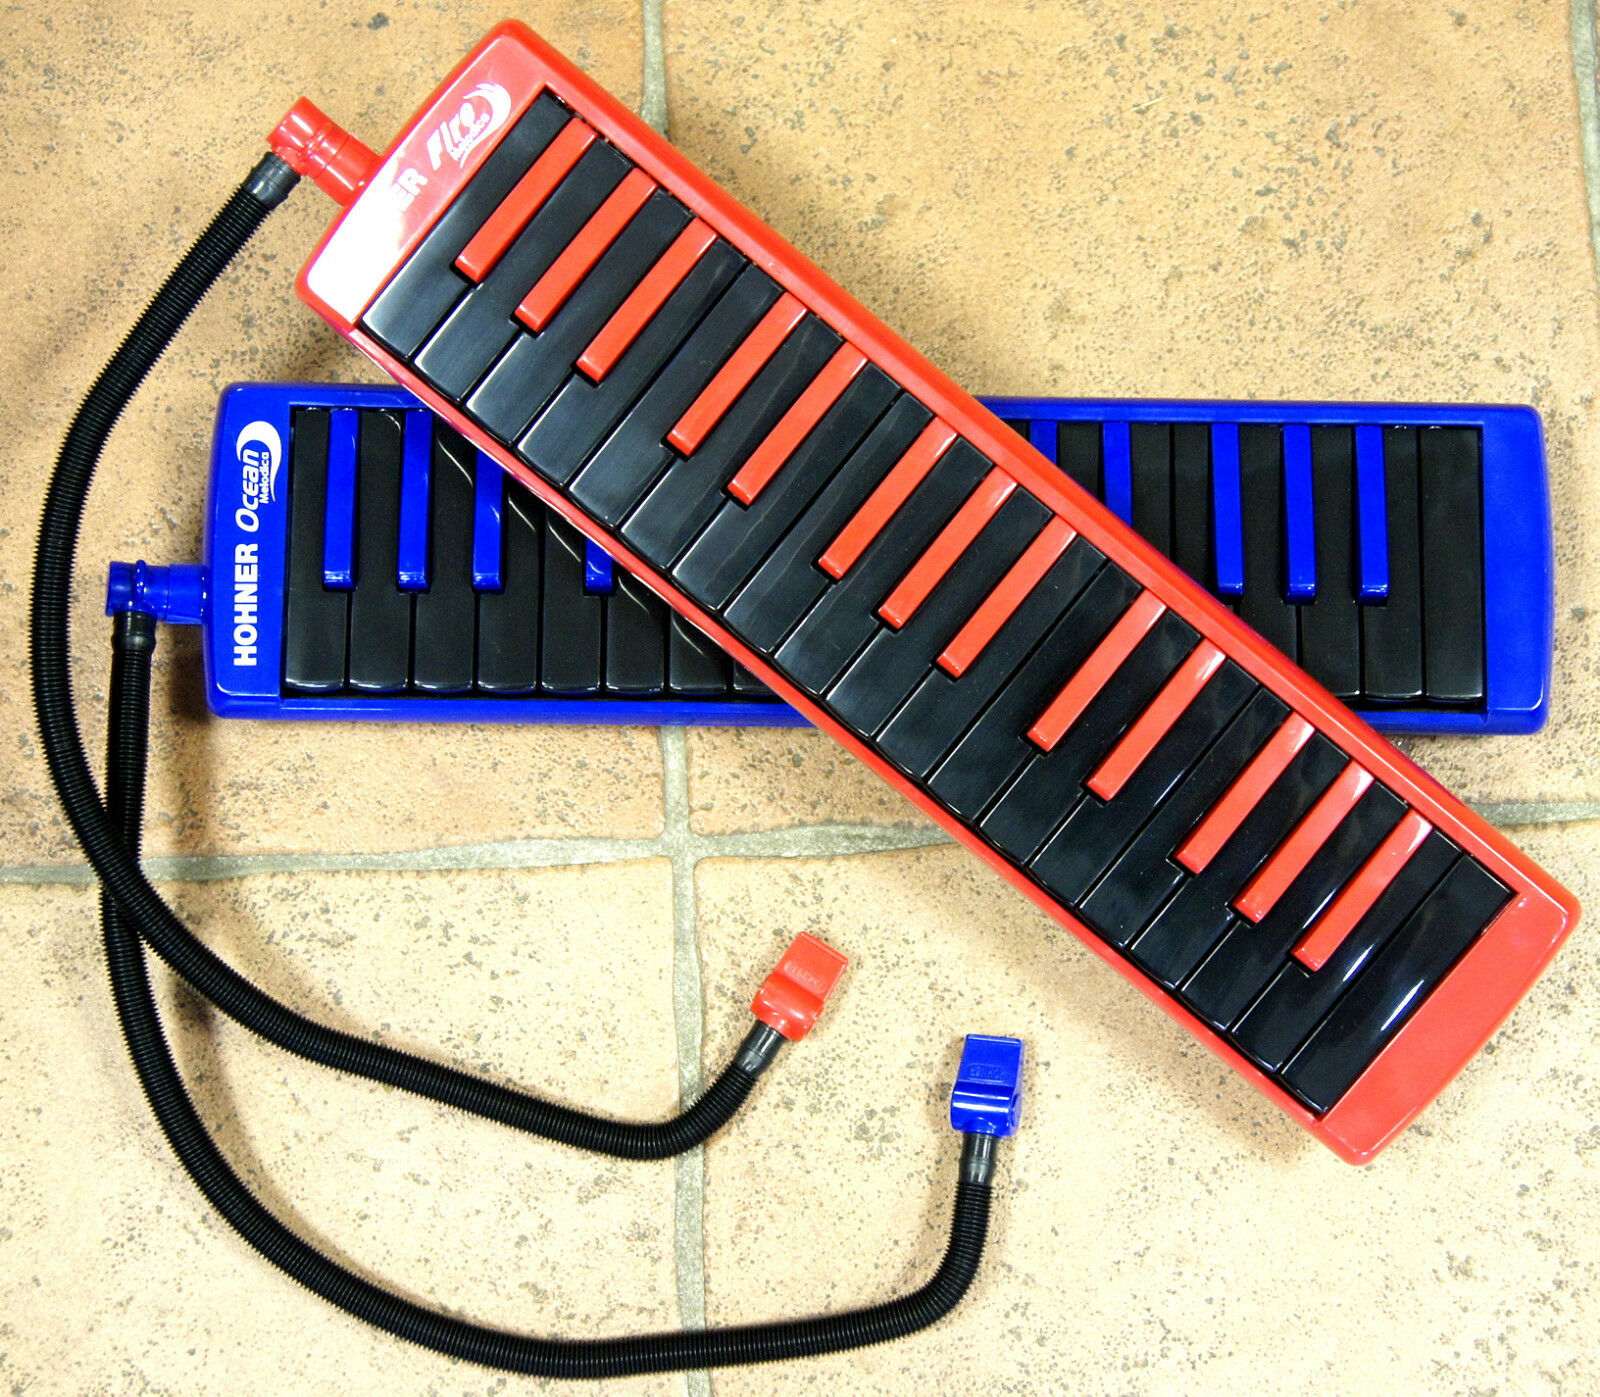 vieni a scegliere il tuo stile sportivo Mélodica Mélodica Mélodica   melodion HOHNER 32 touches piano   Ocean blu   Fire rosso  design unico